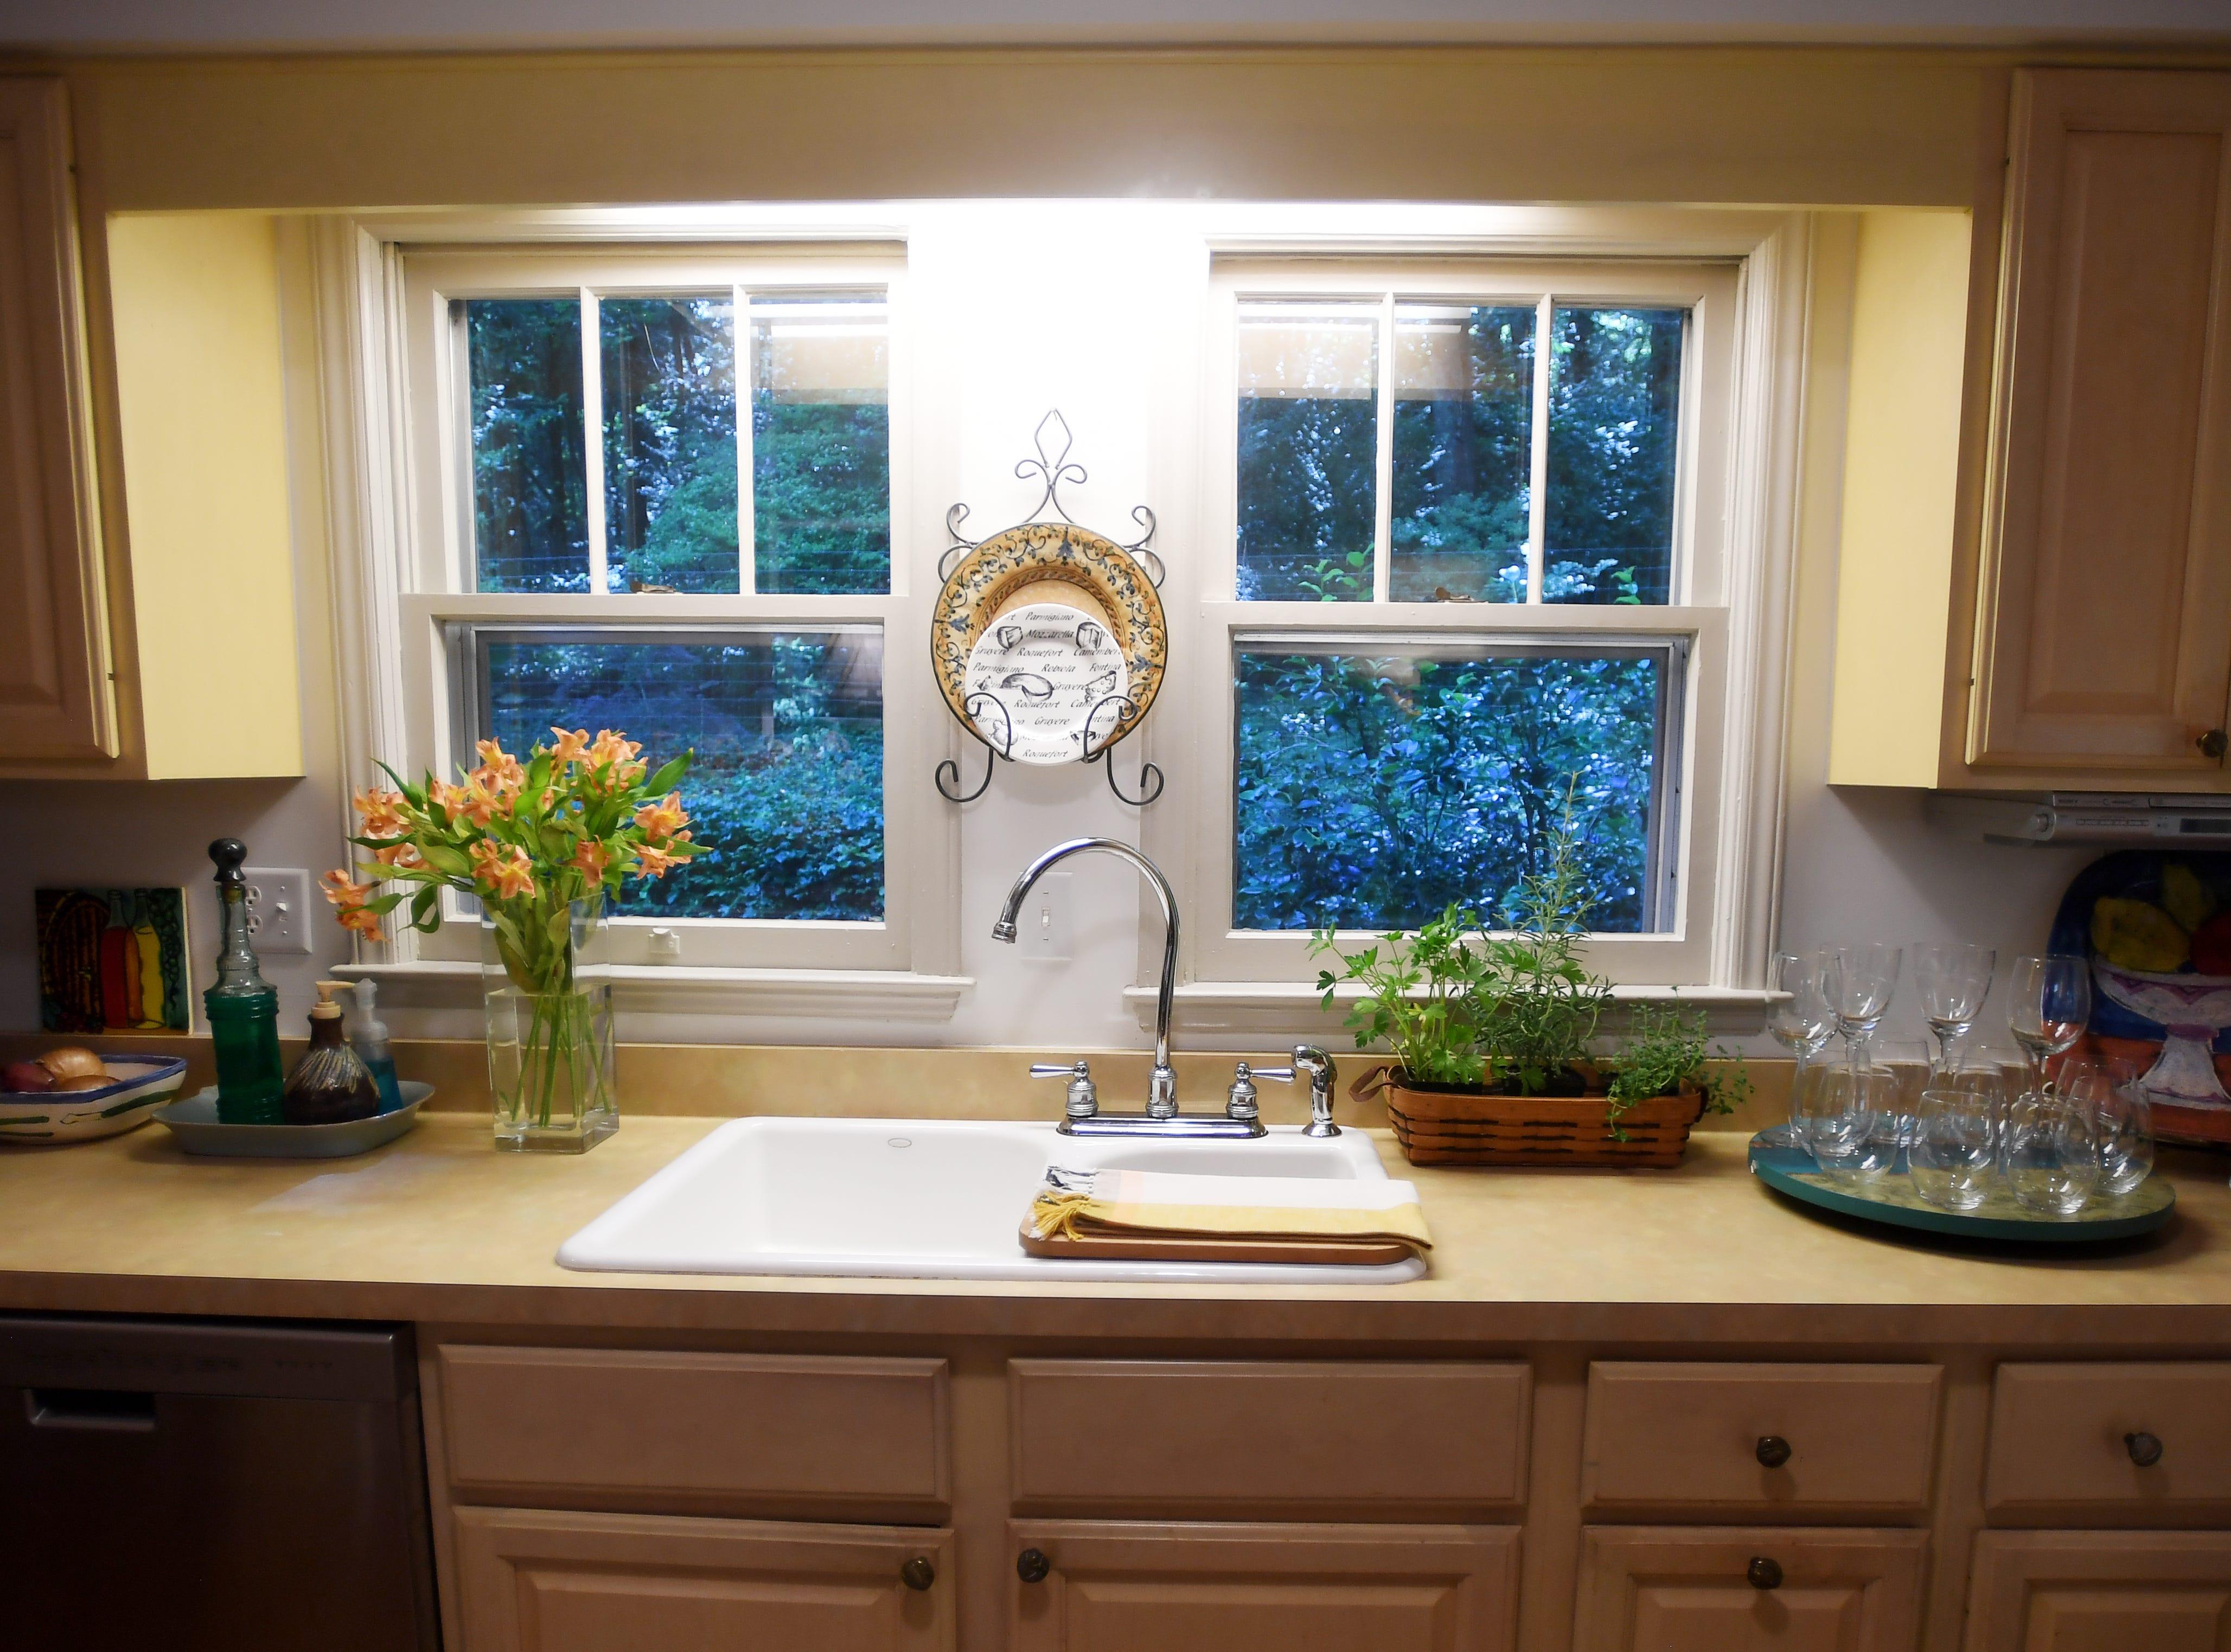 Rhonda Corley's kitchen in Saluda.